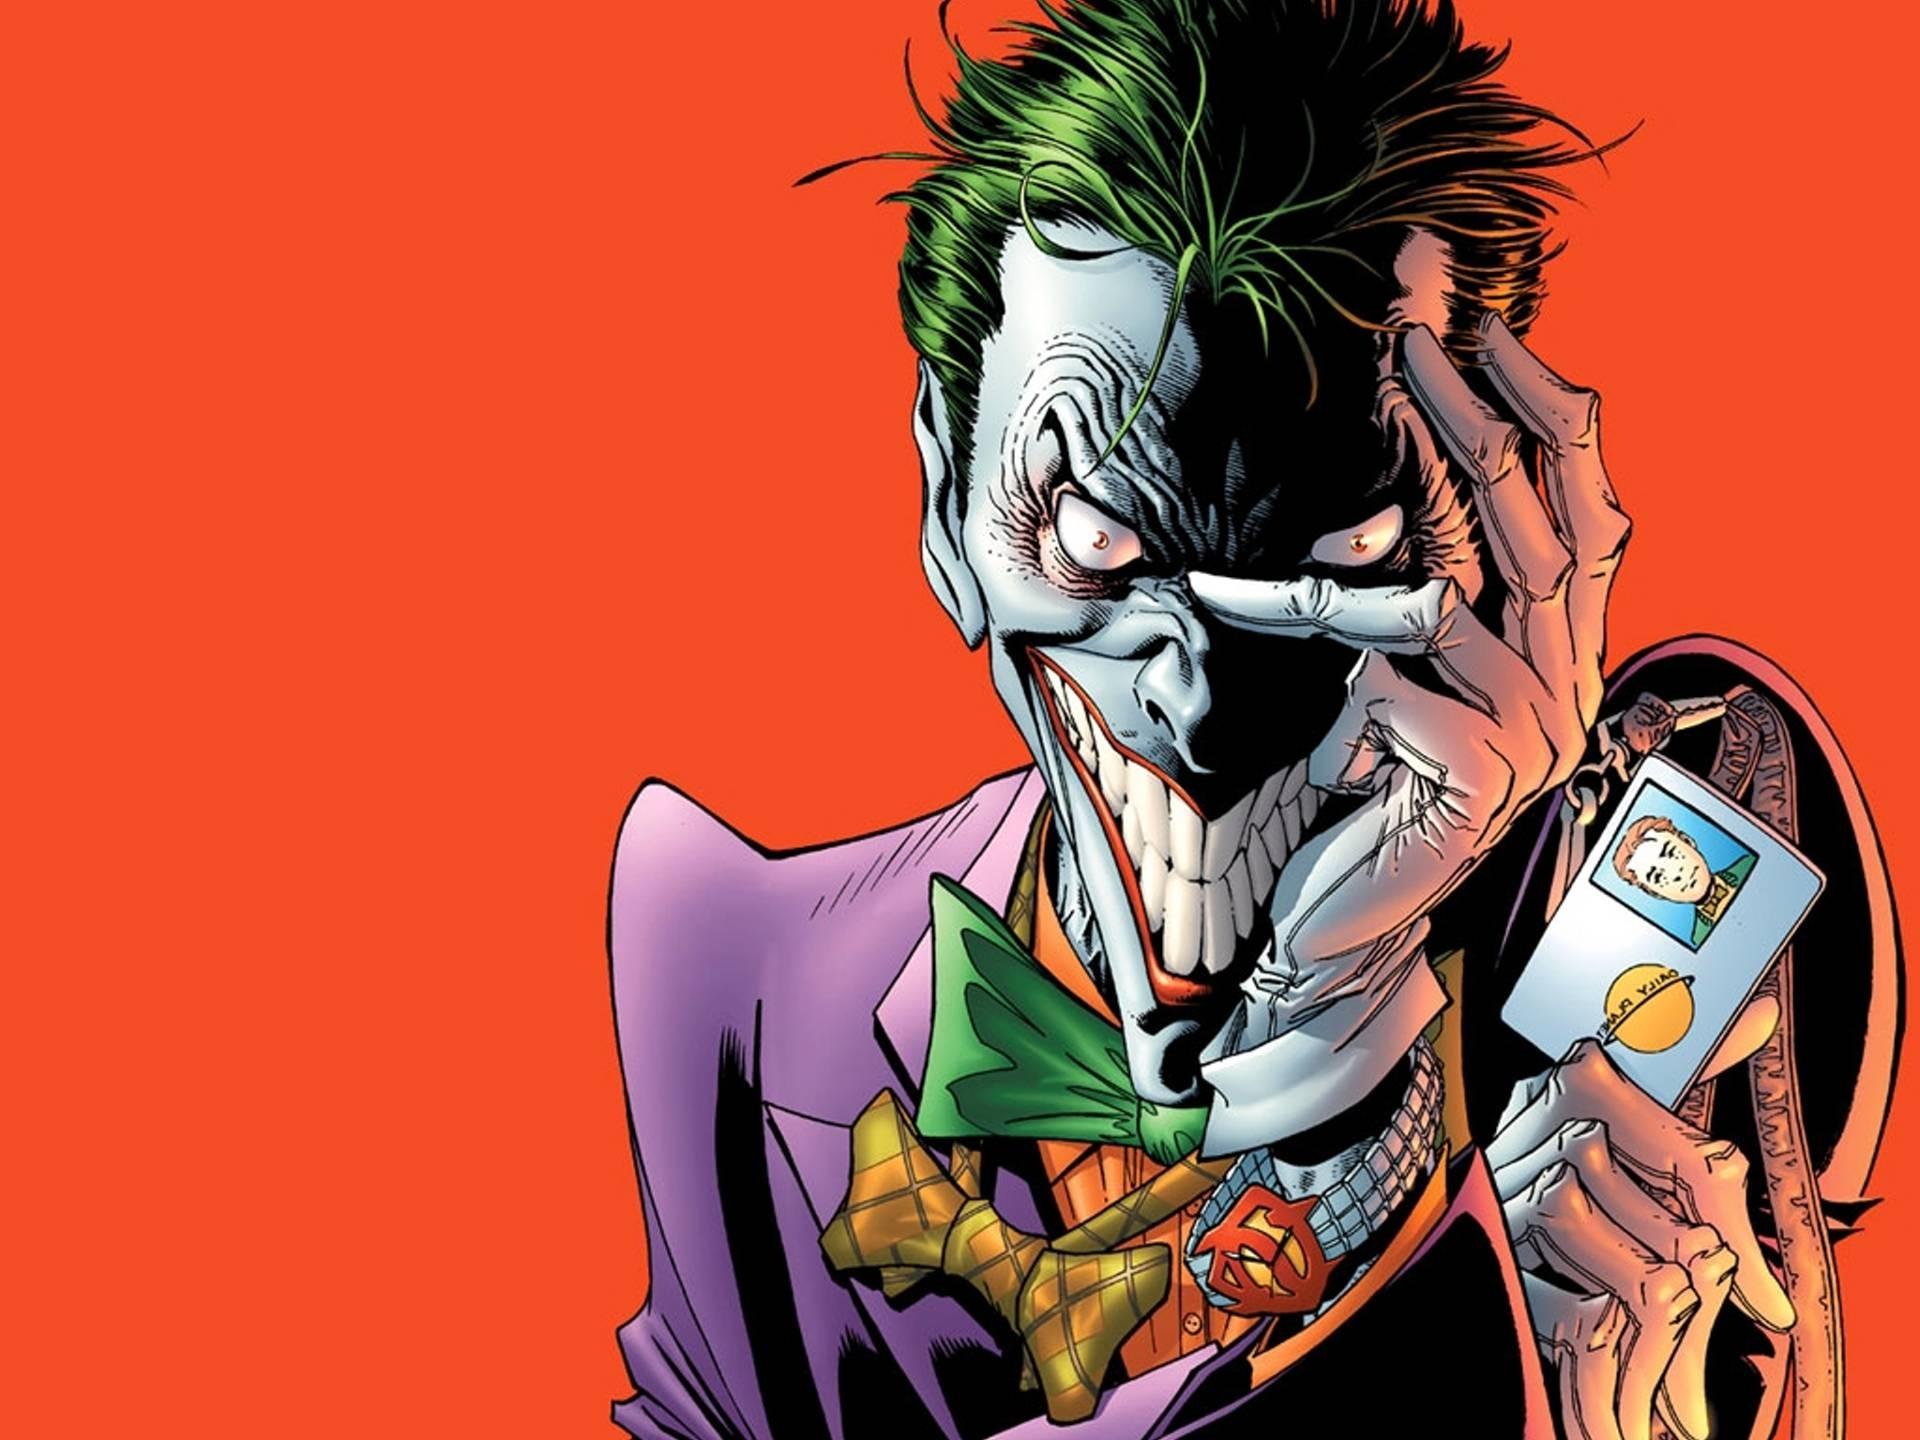 Joker Wallpaper 1920x1440